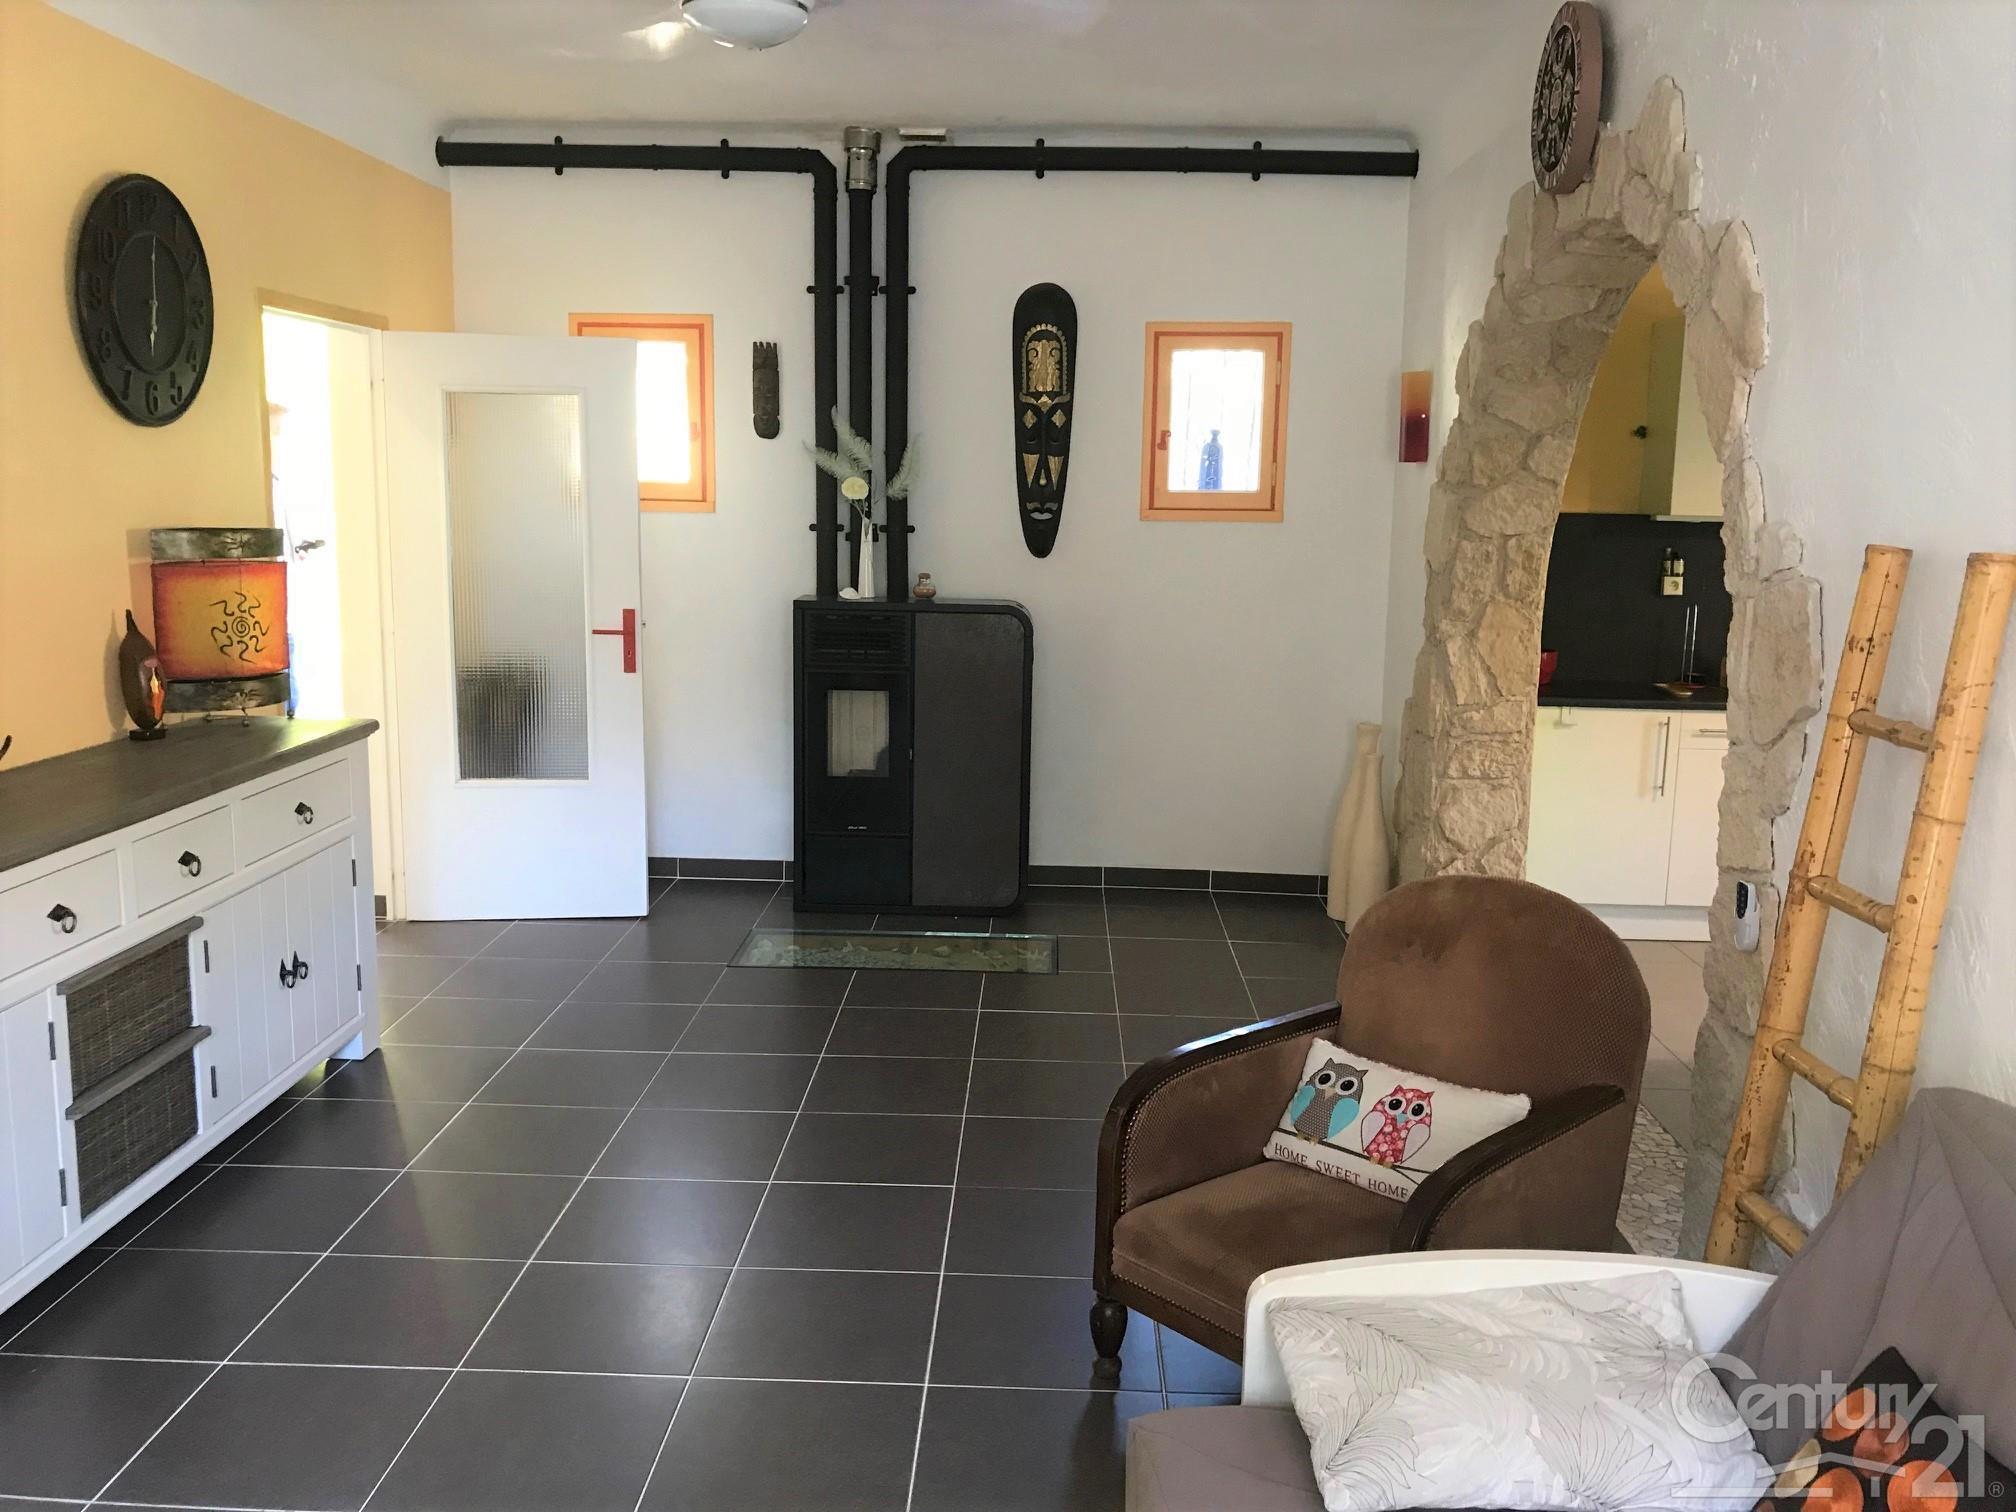 Annonce location maison sommi res 30250 86 m 1 025 for Entreprise agrandissement maison 81